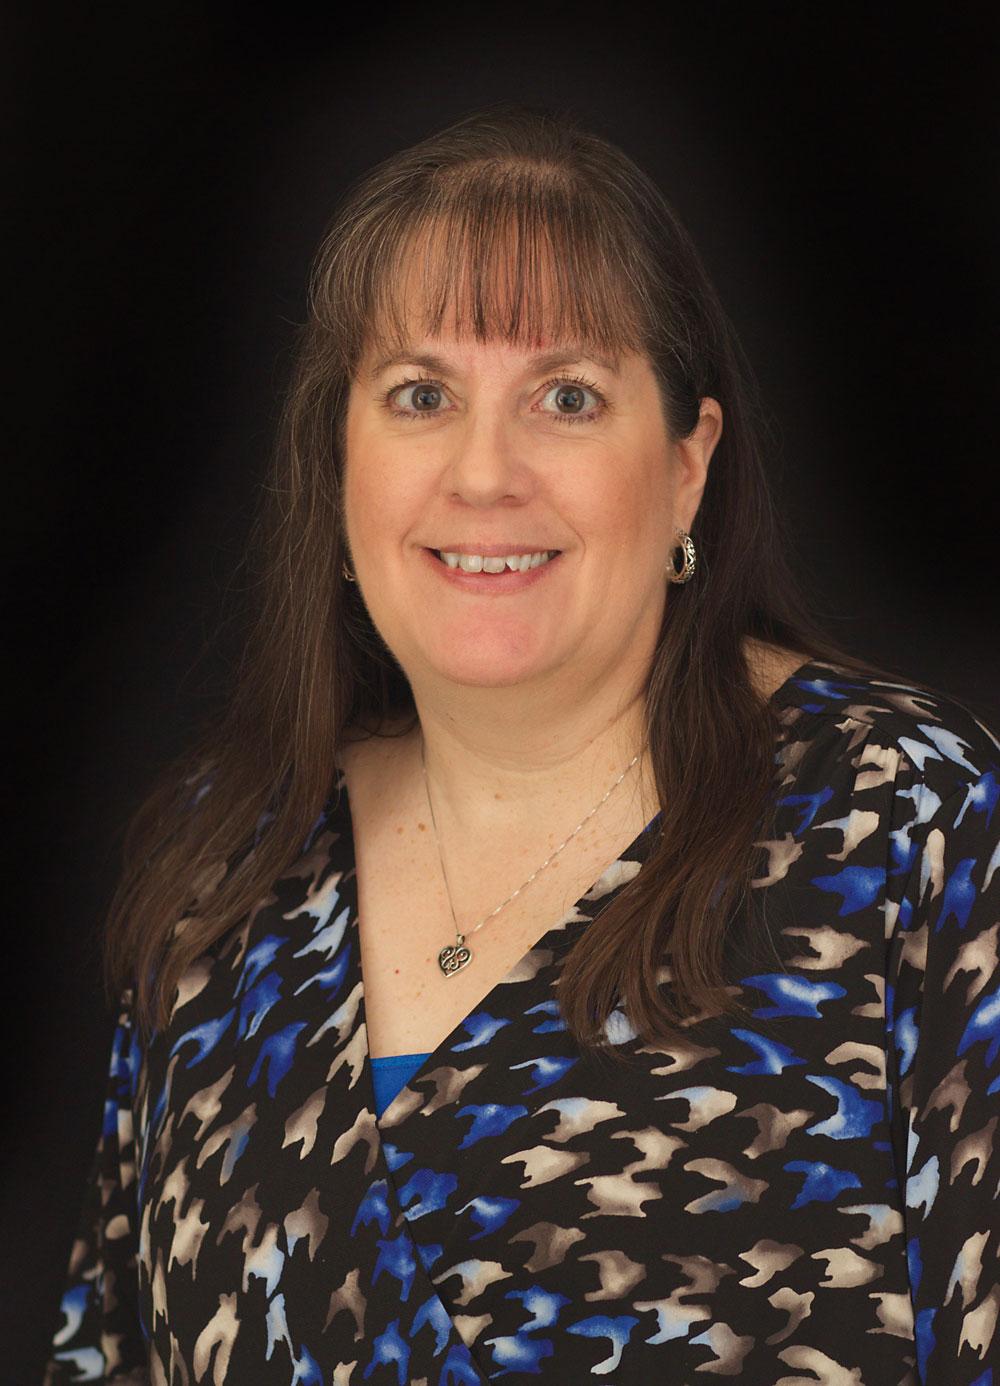 Nancy Meza